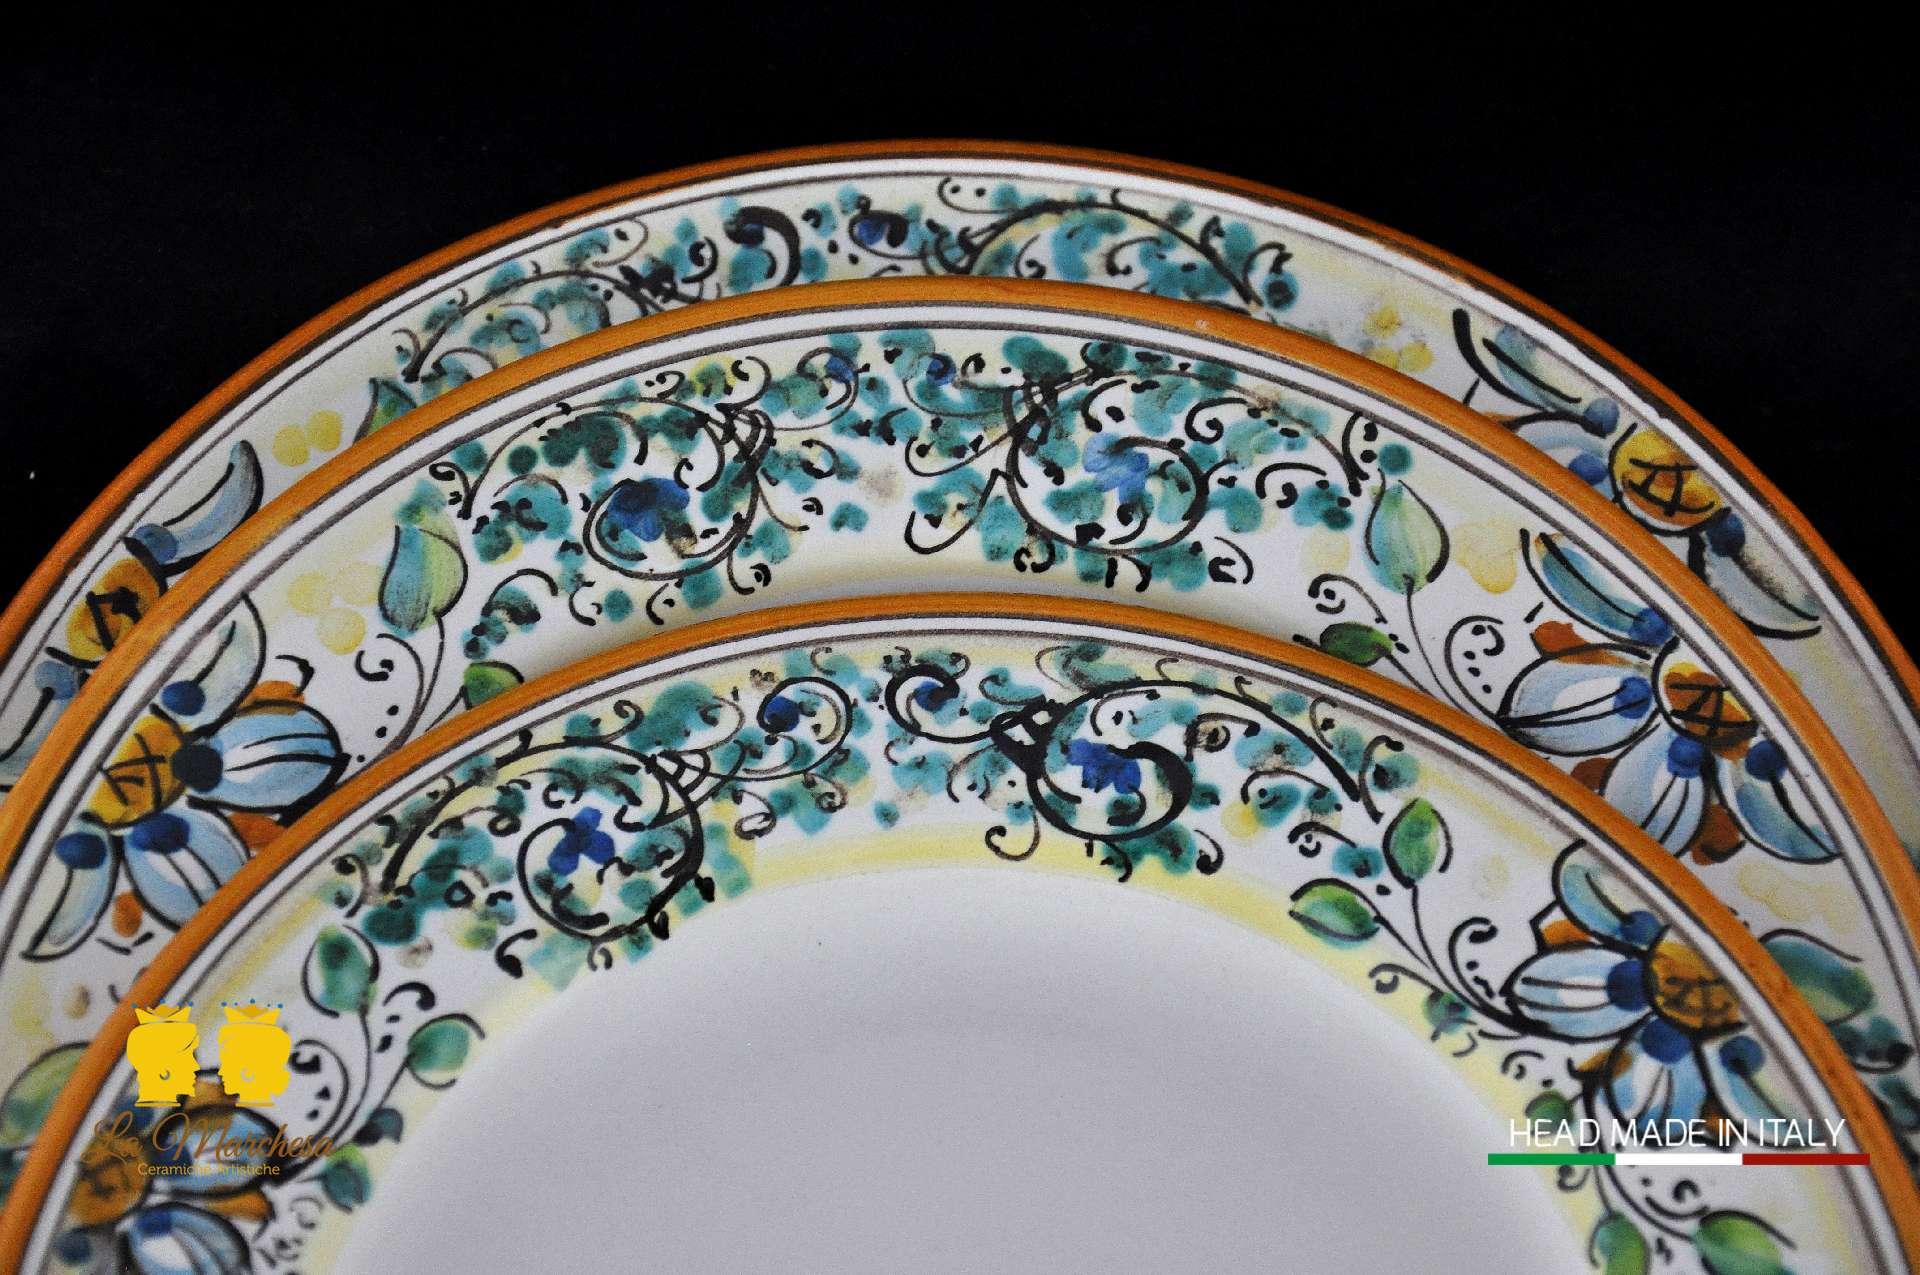 Piatti Ceramica Di Caltagirone.Servizio Piatti 600 18pz La Marchesa Ceramiche Artistiche